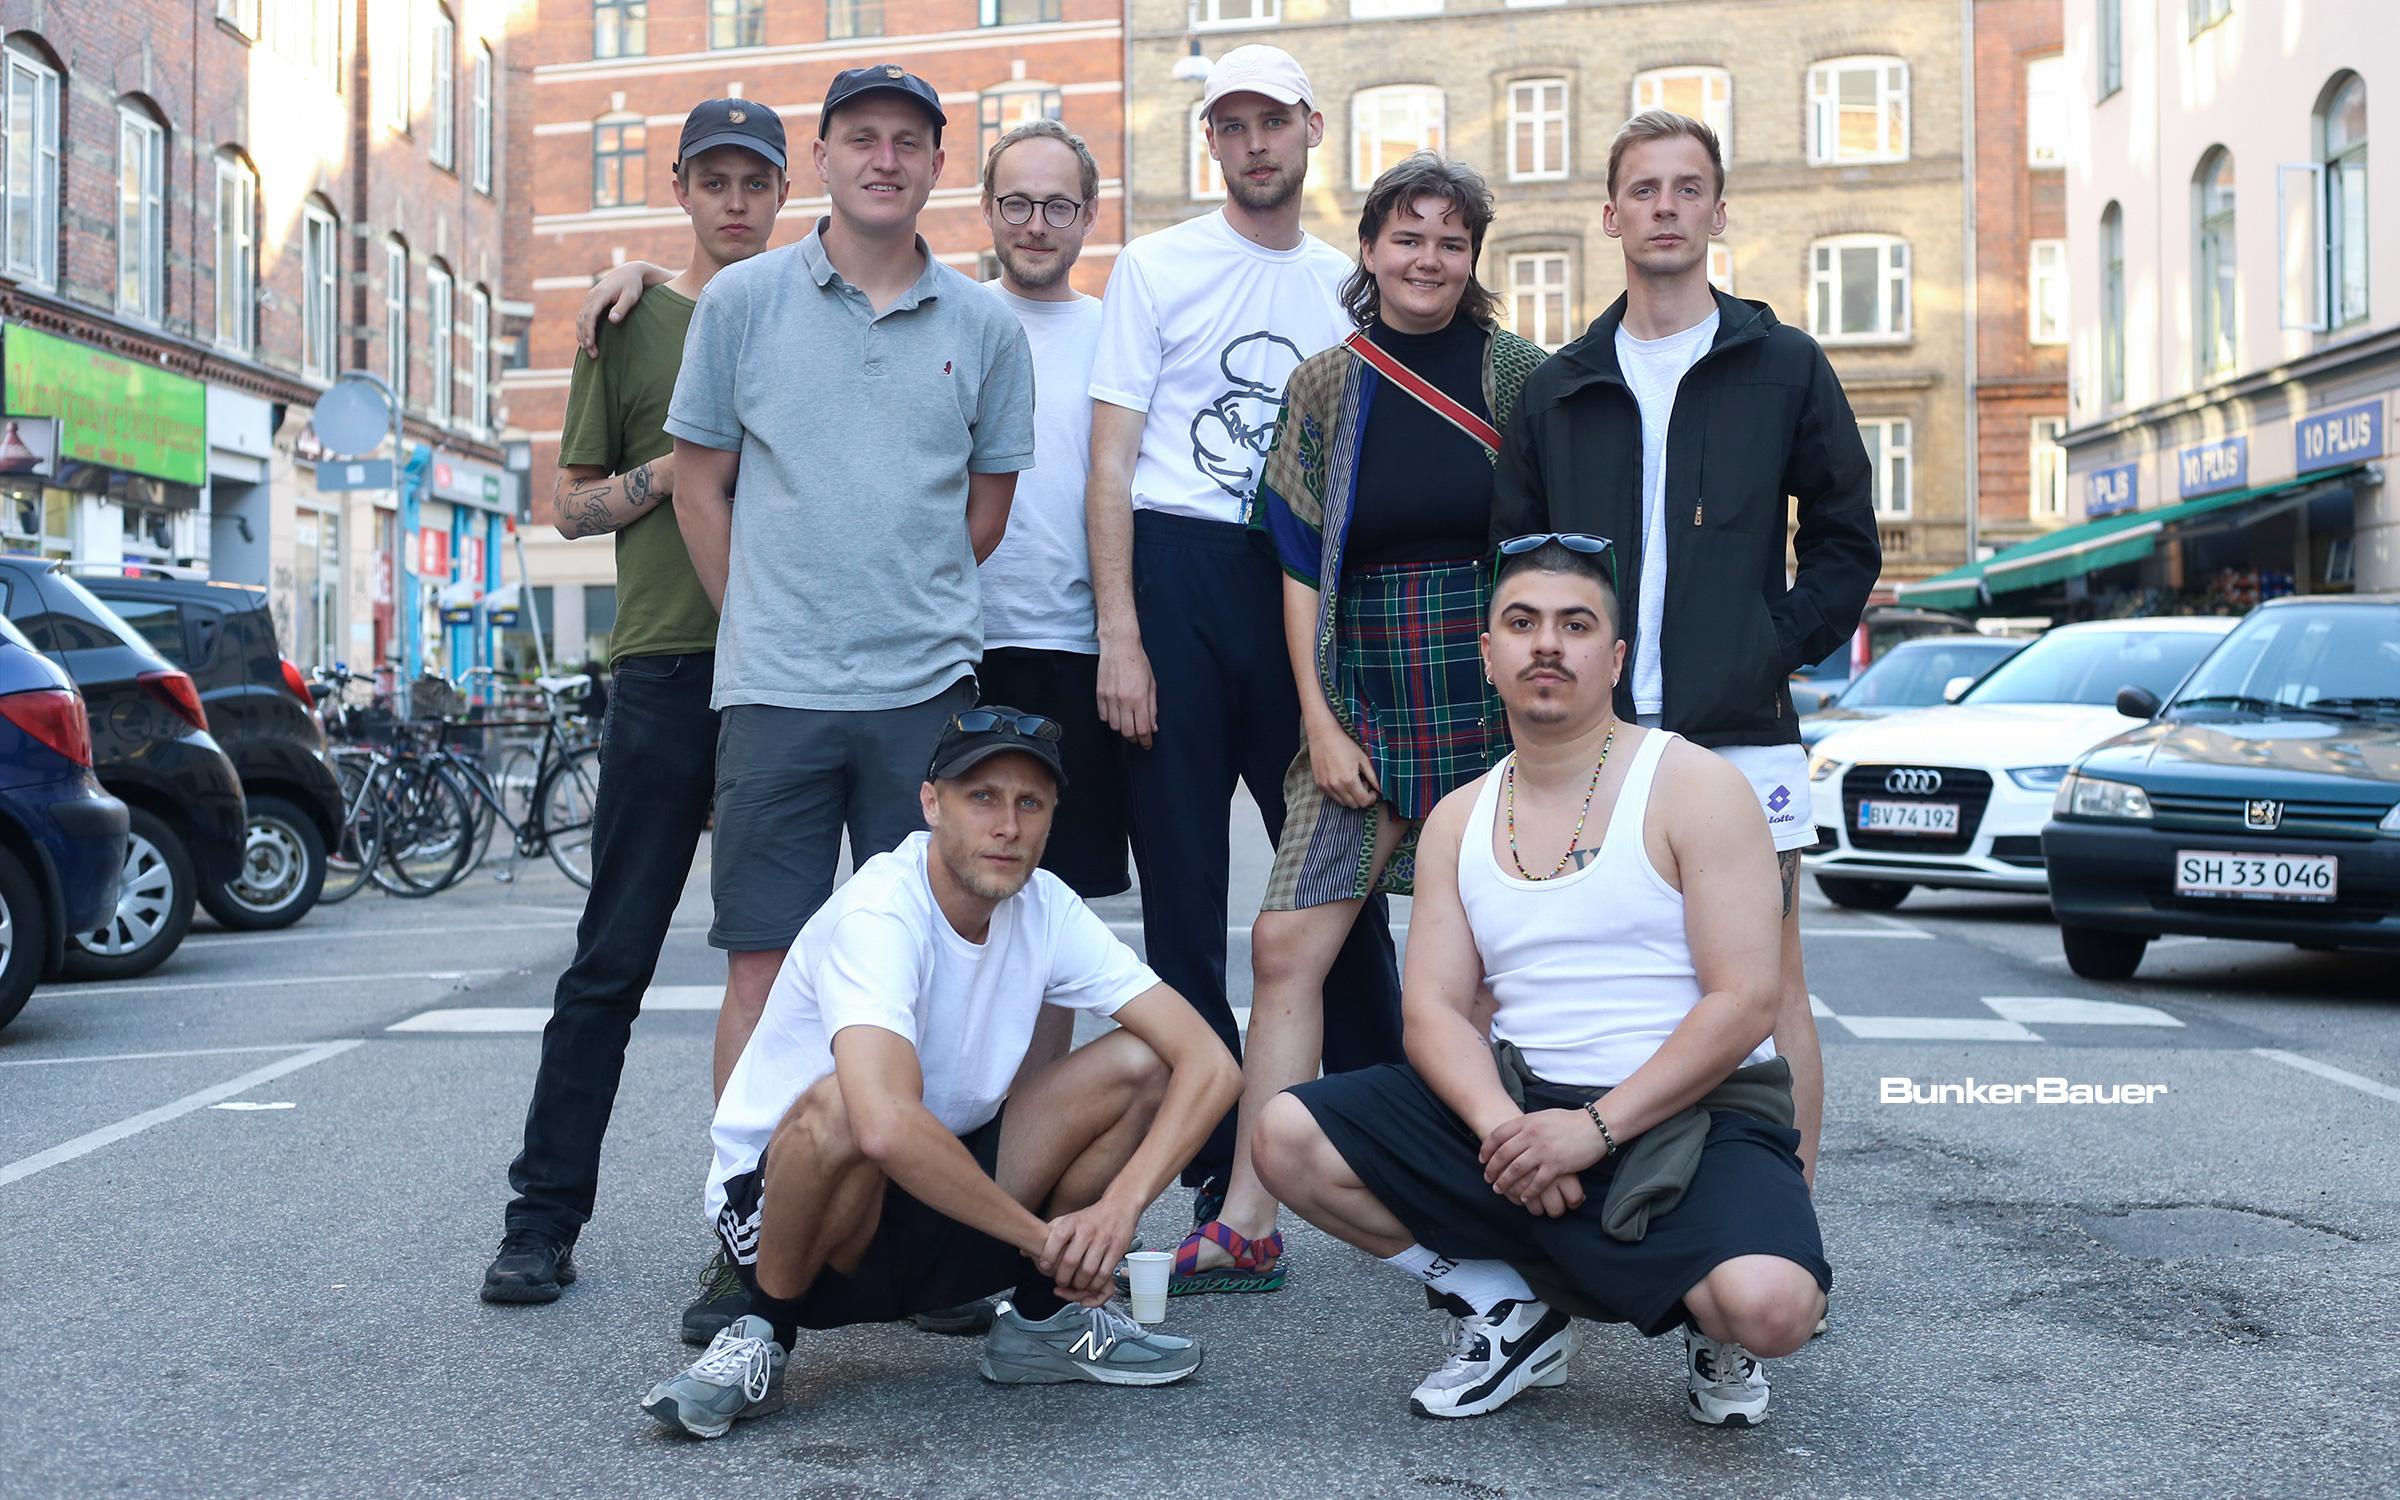 RA: Inside Copenhagen's fast techno scene